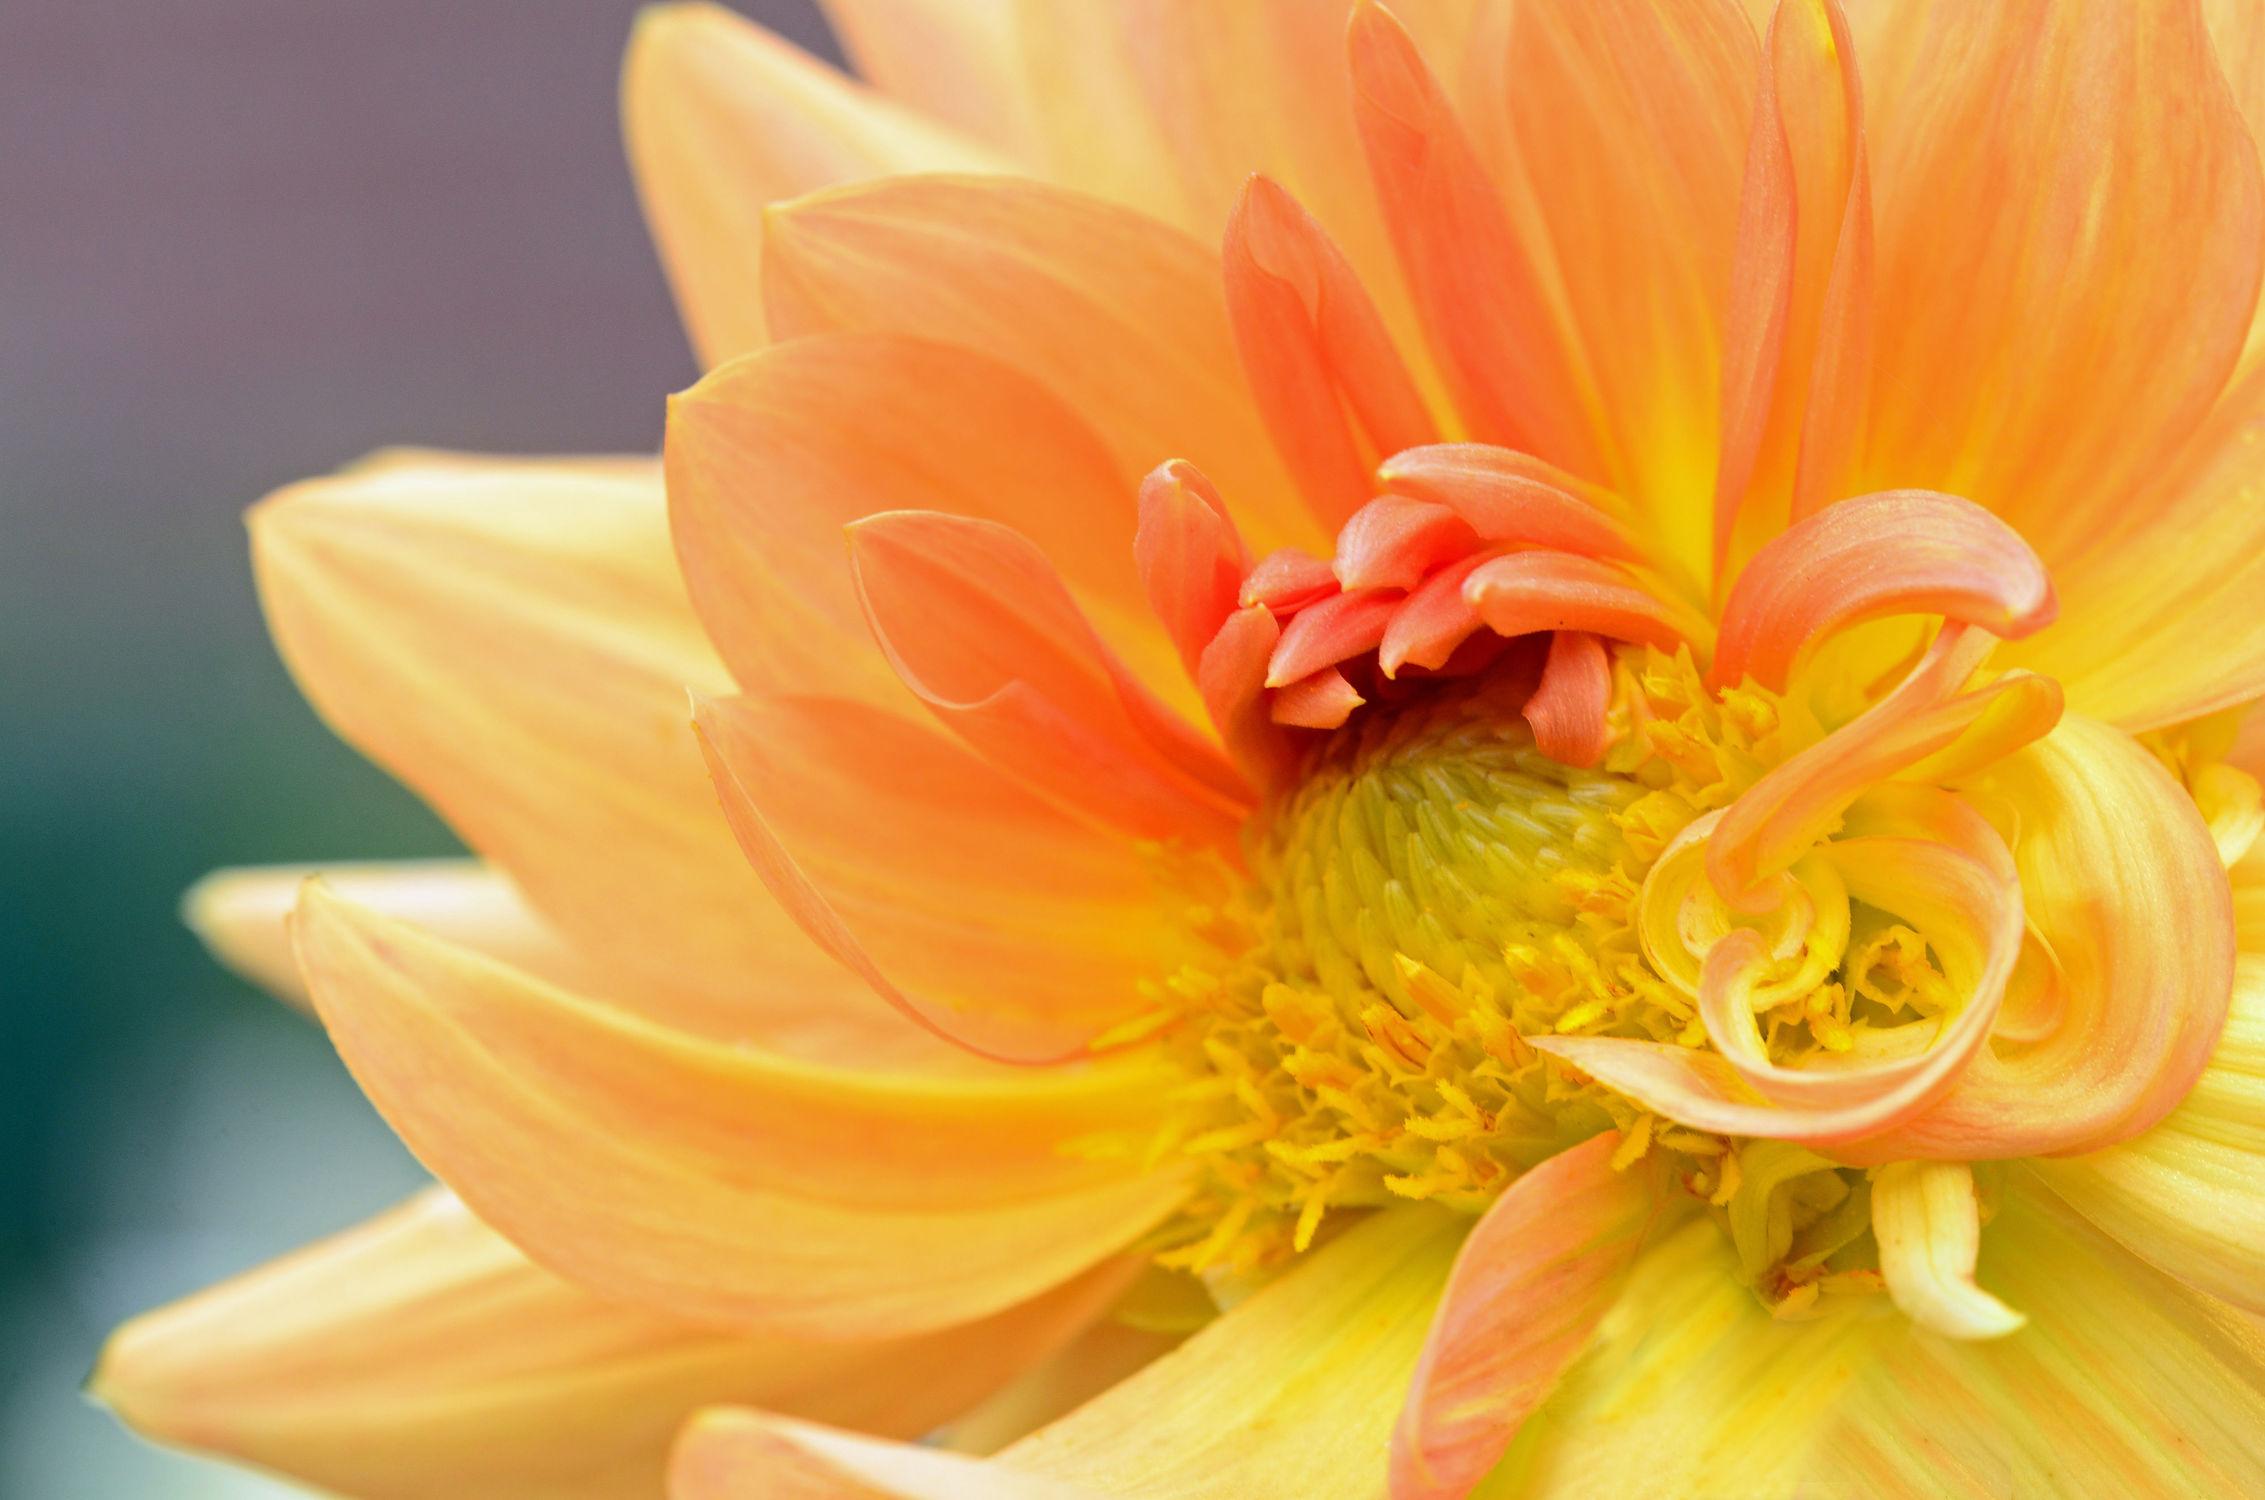 Bild mit Gelb, Kunst, Natur, Blumen, Rot, Sommer, Dahlien, Blume, Schönheit, Blüten, garten, Blütenblätter, Ponpondahlien, Dahlie, Wachstum